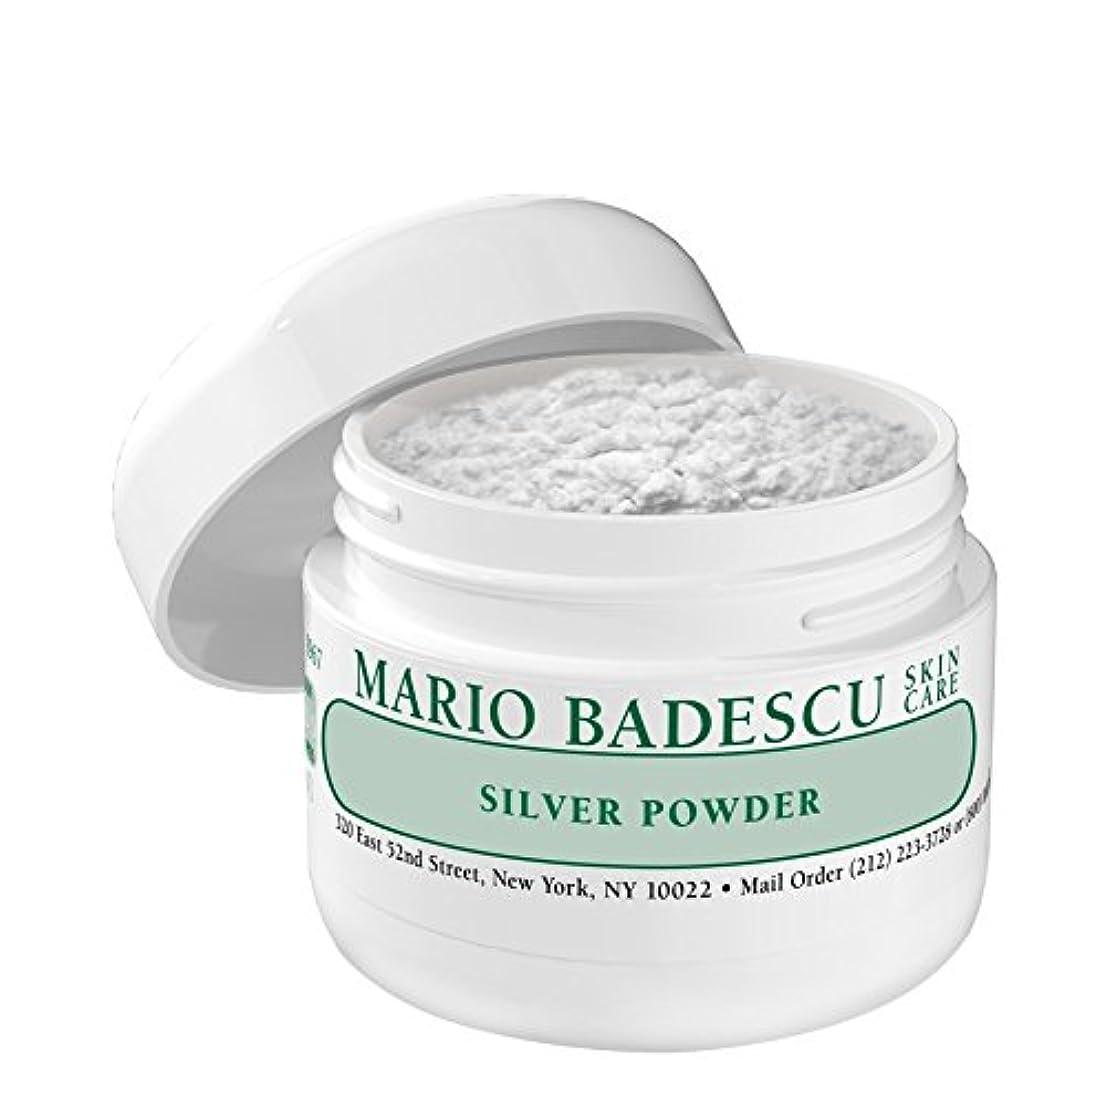 穿孔する論争排除マリオ?バデスキュー銀粉末 x4 - Mario Badescu Silver Powder (Pack of 4) [並行輸入品]